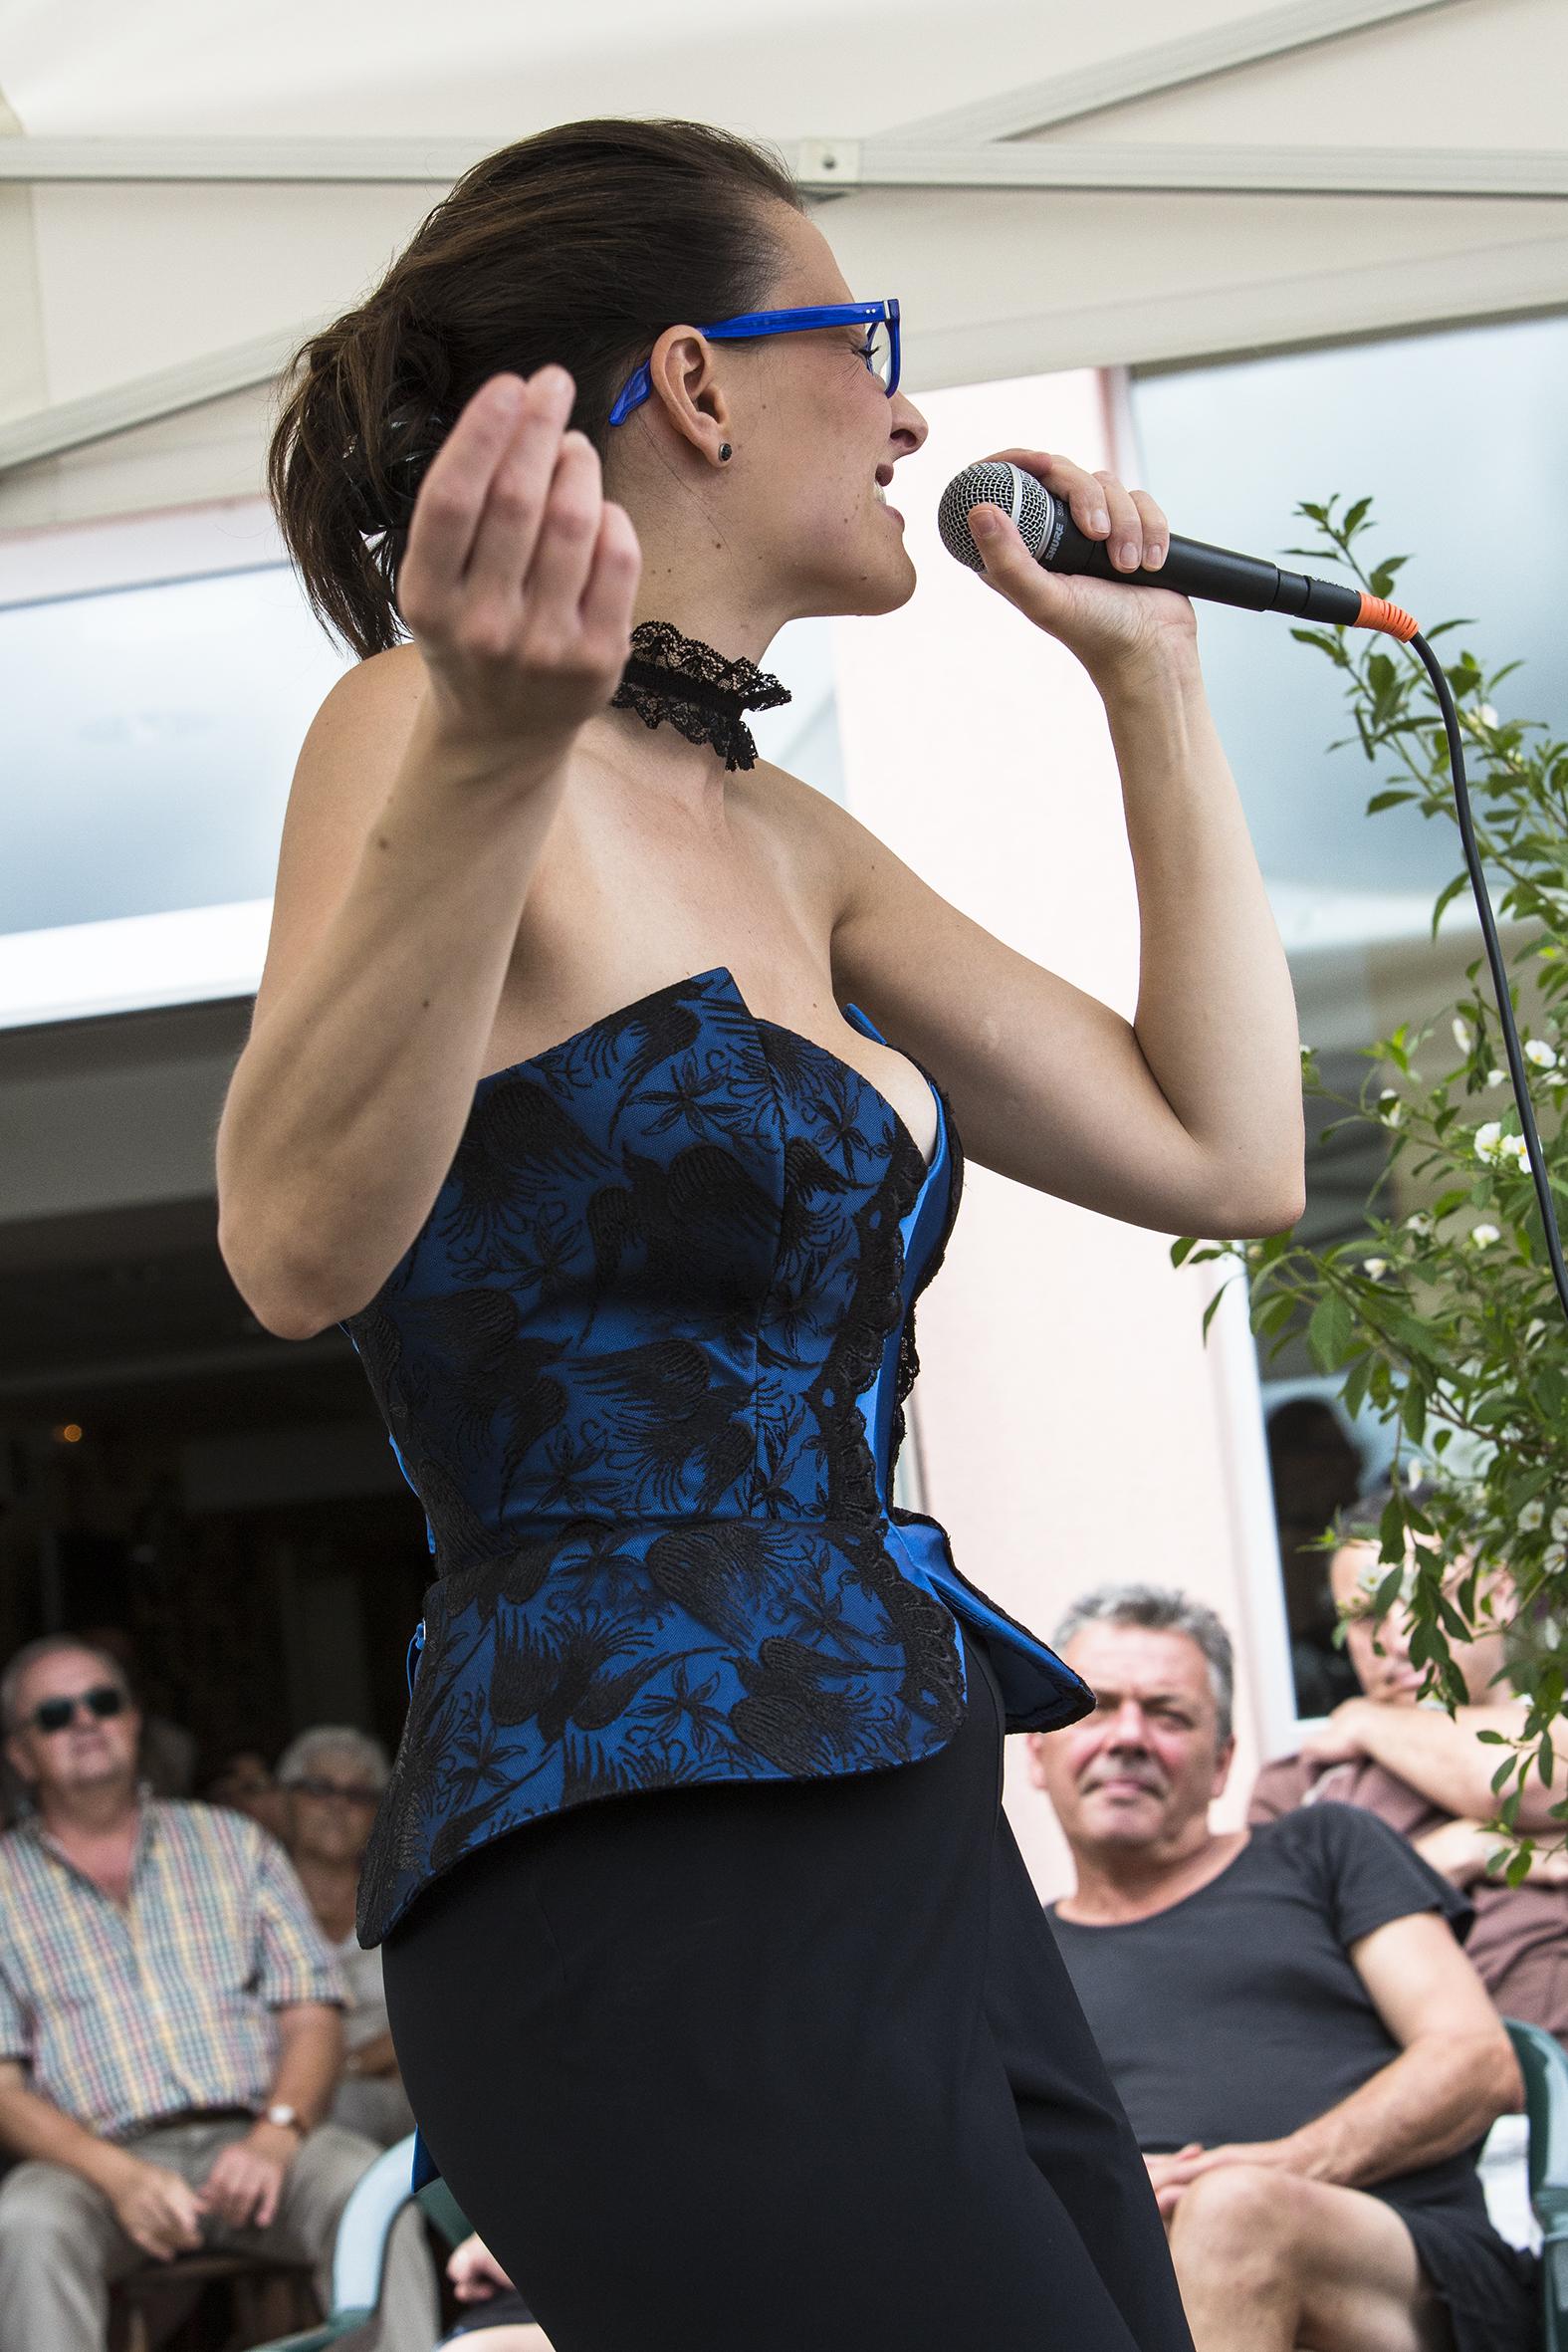 portraits-nadine-holderith-weiss-lfestival-au-gr+¿s-du-jazz-la-petite-pierre-2015-marie-colette-becker-06